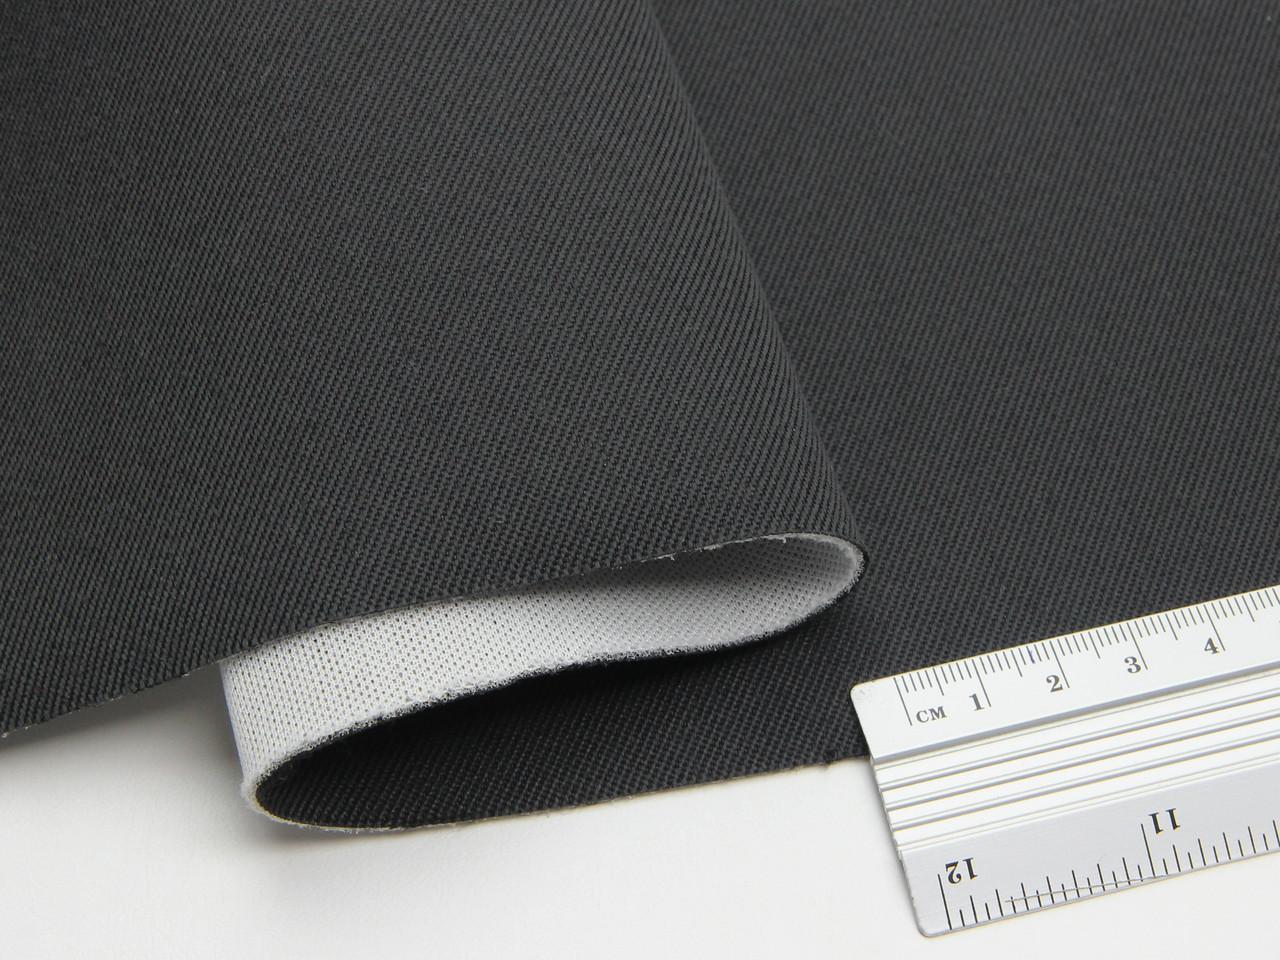 Автоткань для бічної частини сидінь (темно-сірий графіт), основа поролон 1мм з сіткою, 180см ширина